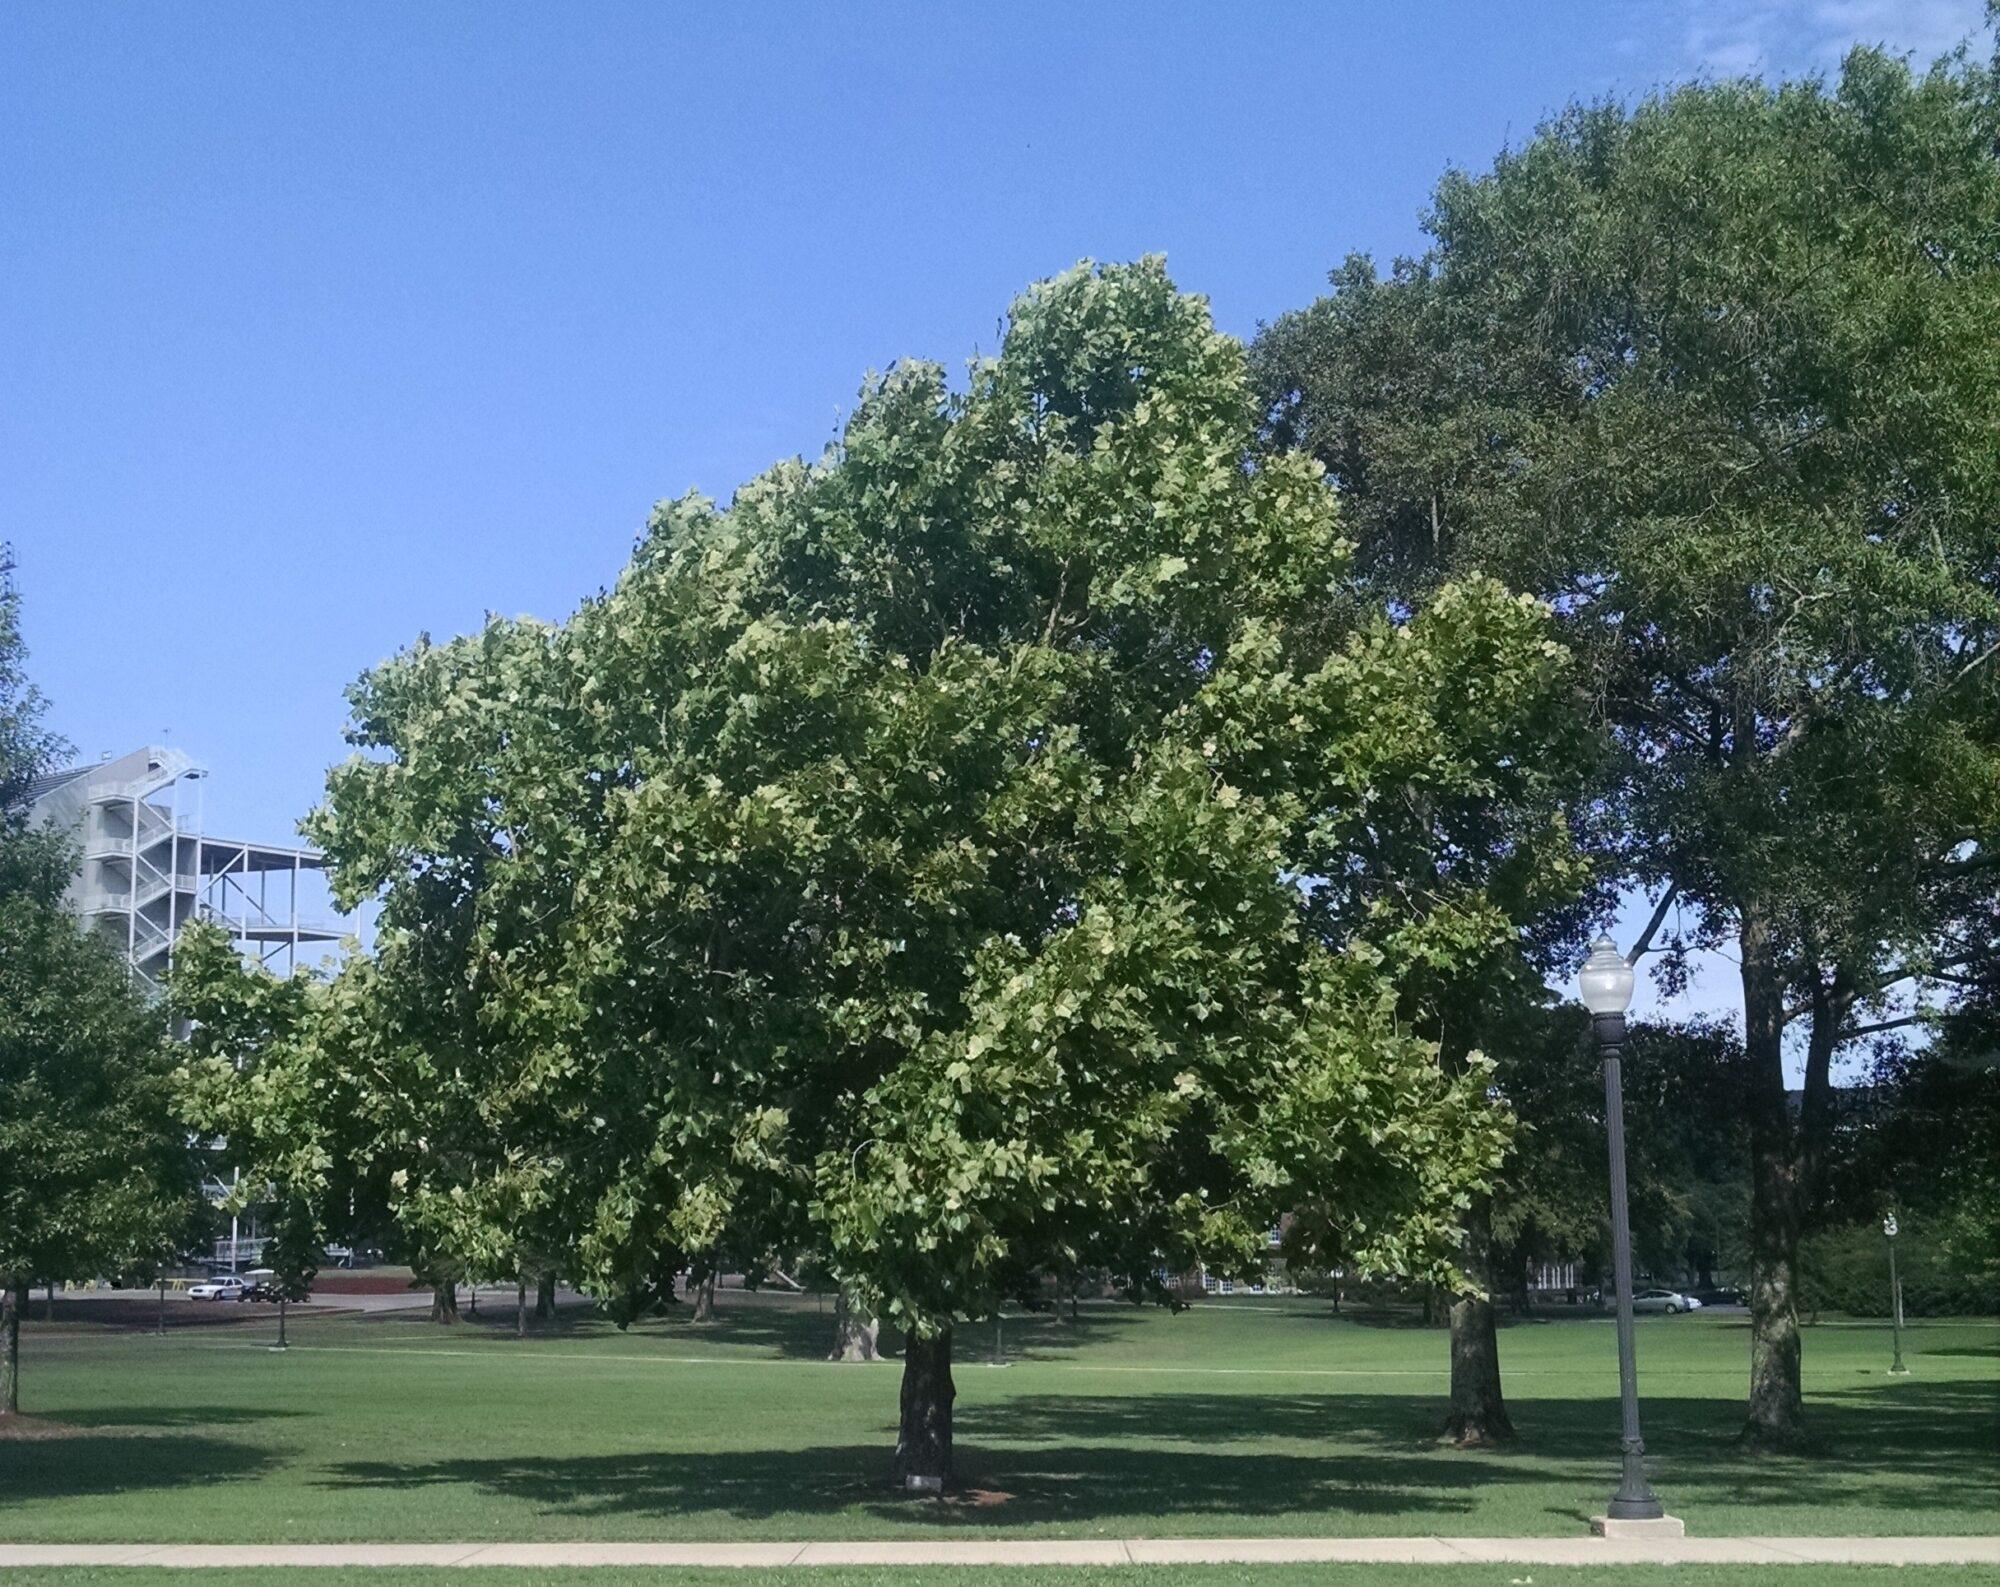 NASA опублікувало мапу «місячних» дерев - НАСА NASA, Місяць, зелені насадження, Дерева, NASA - 09 lunnye derevya2 2000x1587